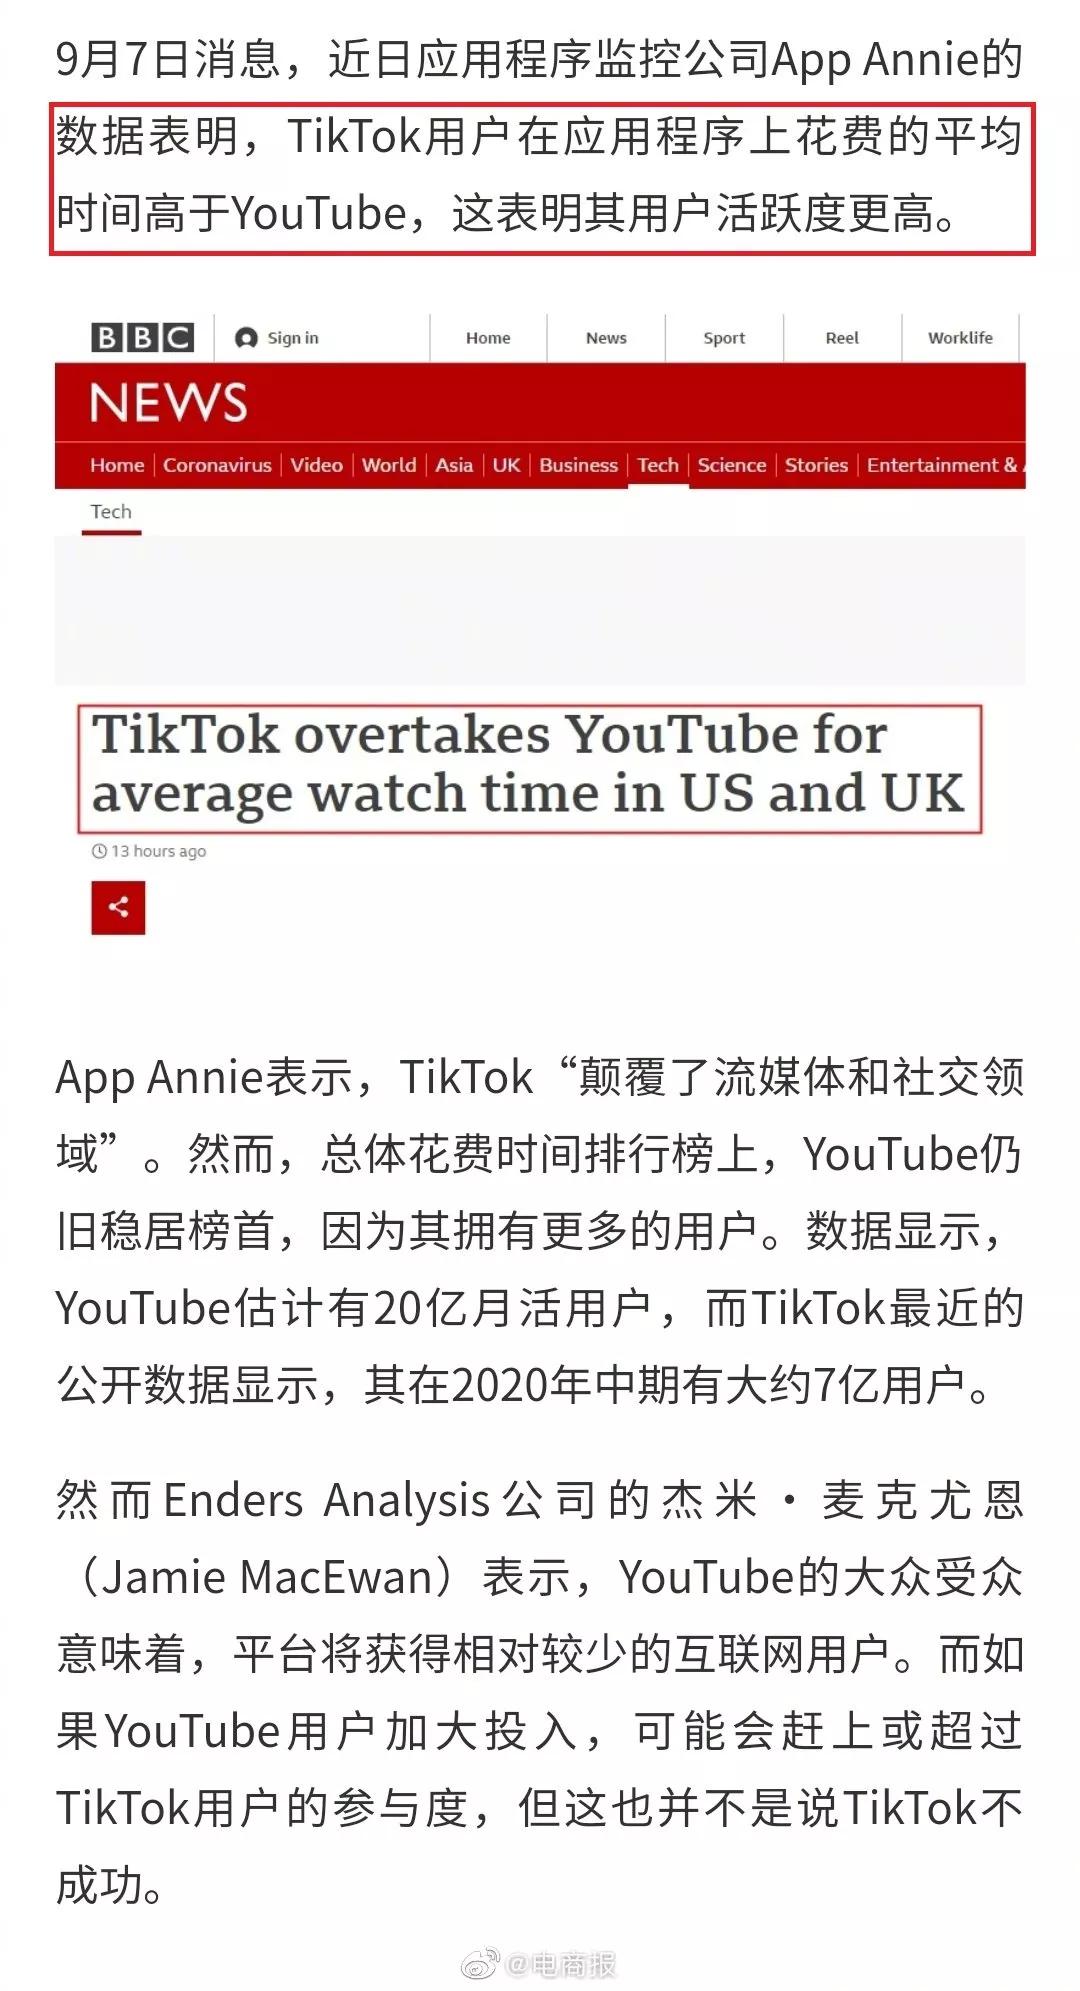 推特现新功能;TikTok远超YouTube?ist; 一周社媒大事件